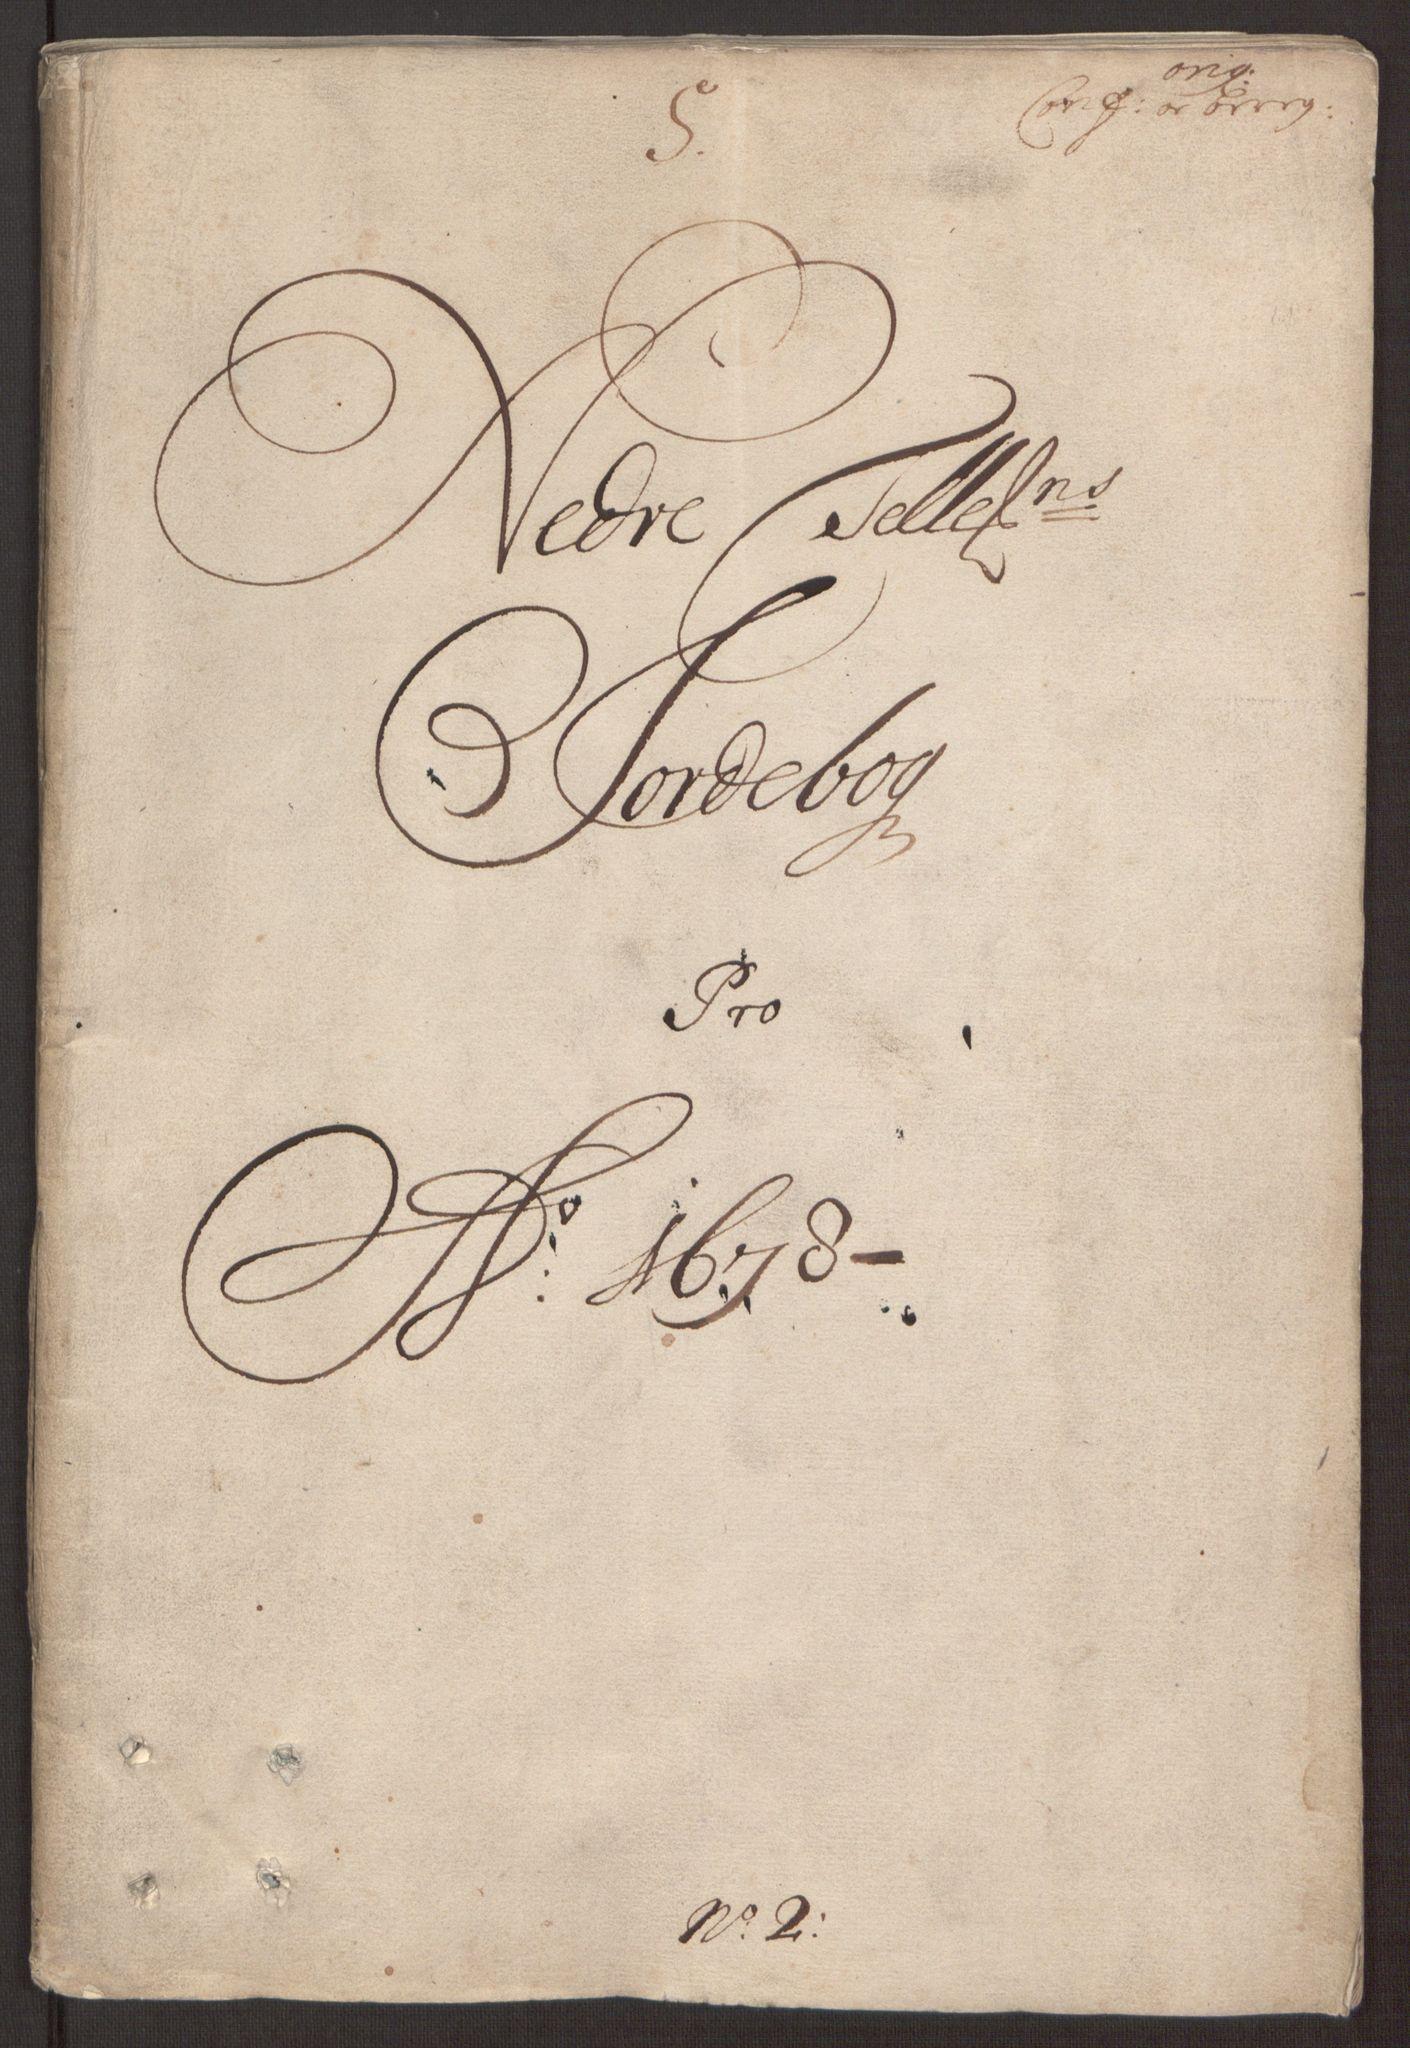 RA, Rentekammeret inntil 1814, Reviderte regnskaper, Fogderegnskap, R35/L2069: Fogderegnskap Øvre og Nedre Telemark, 1678, s. 3